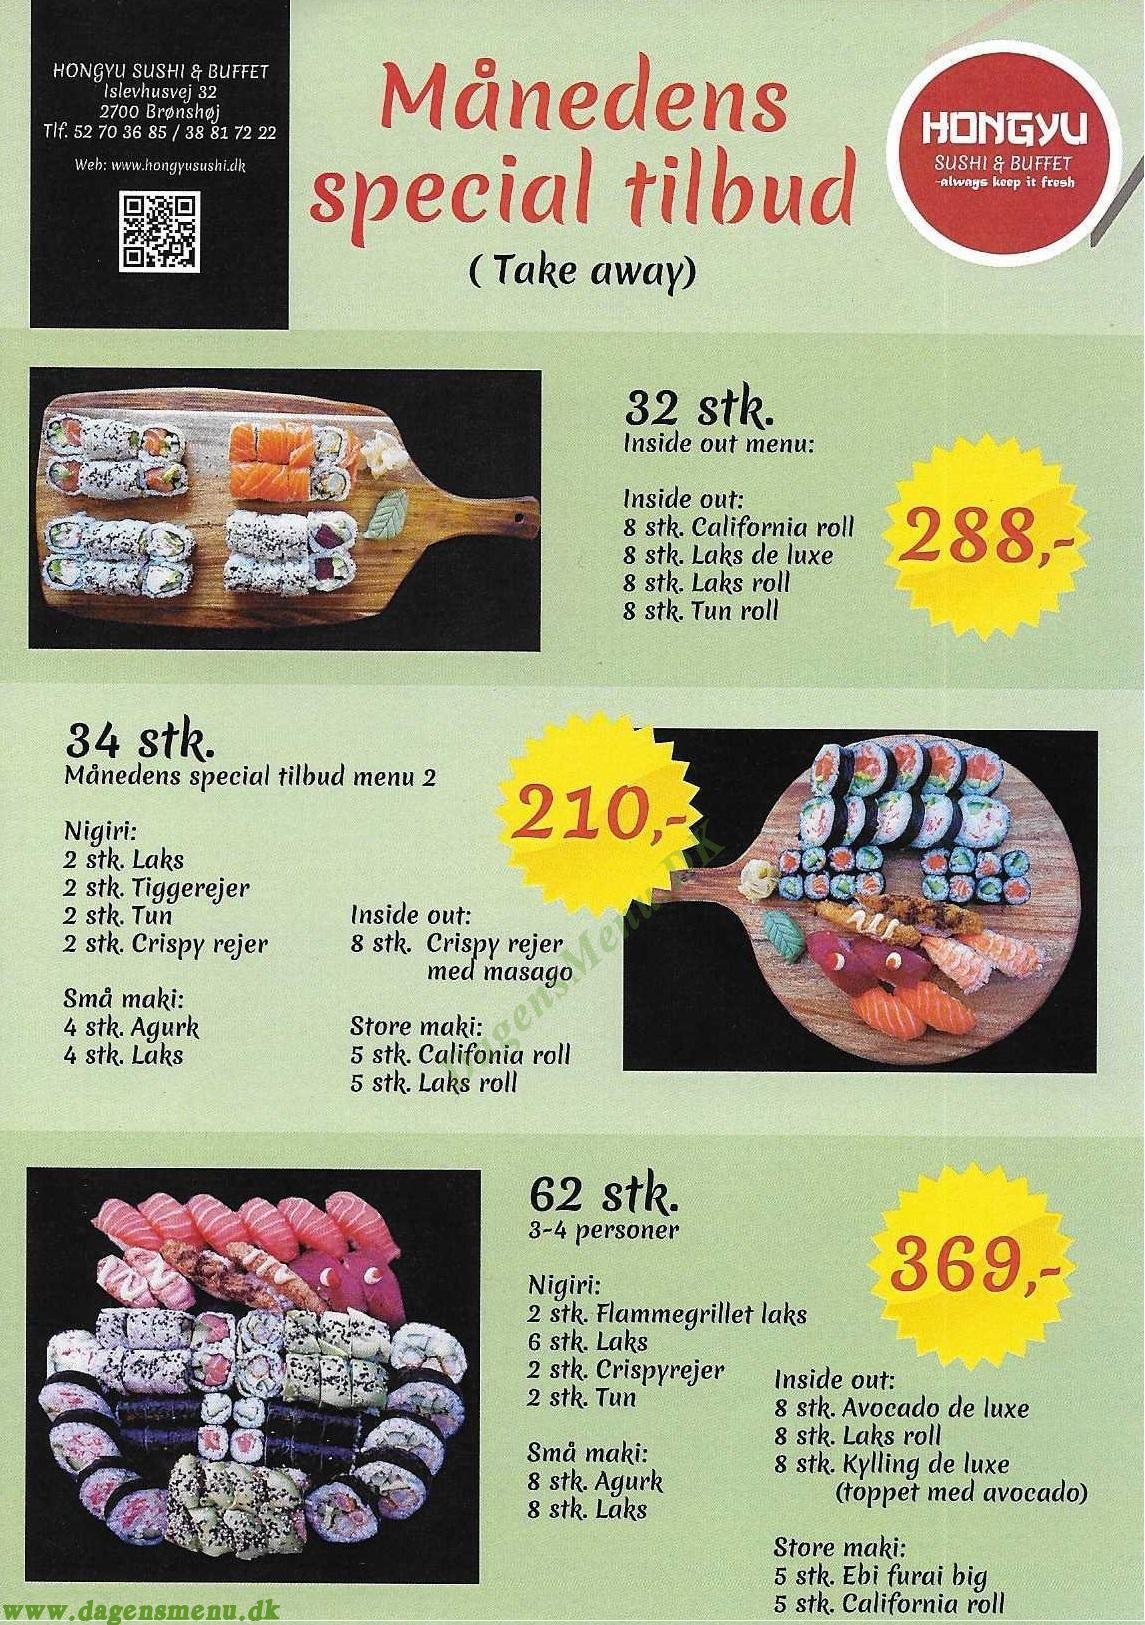 Hongyu Sushi & Buffet - Menukort